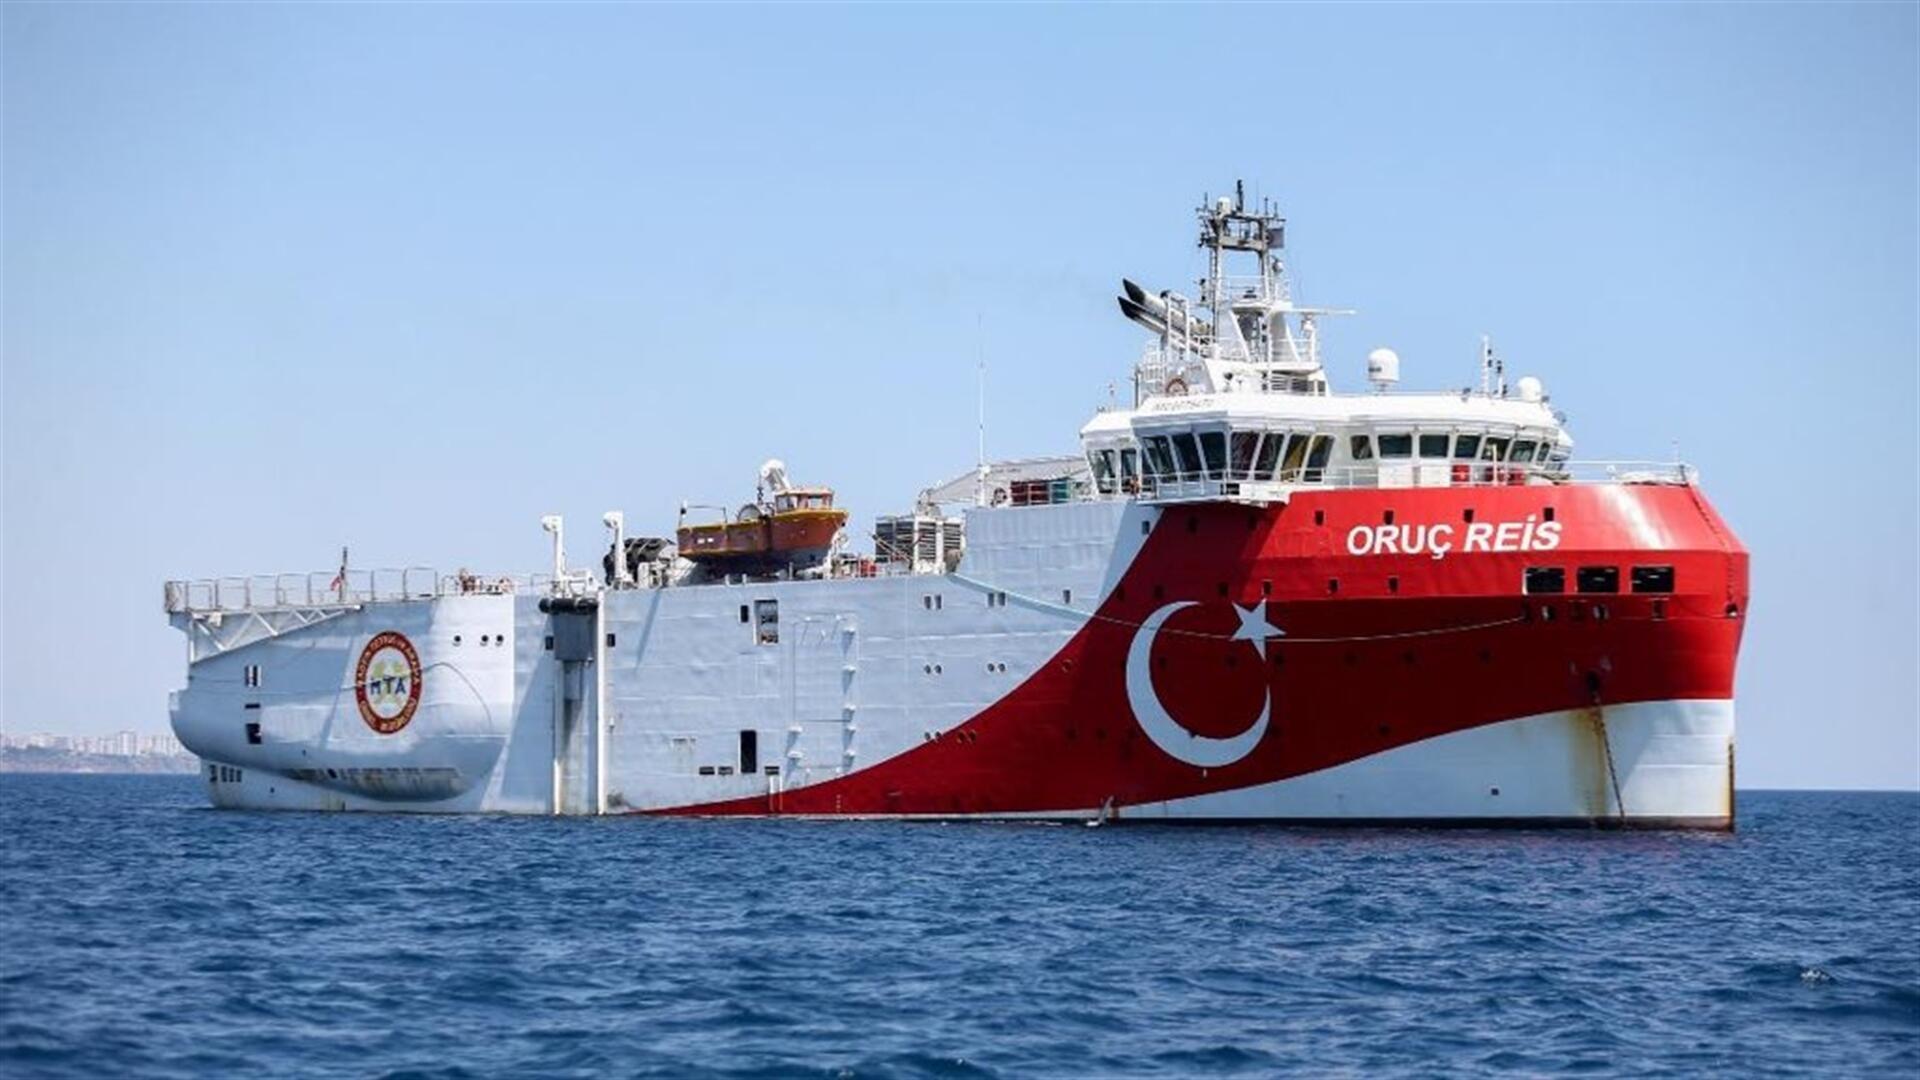 Thổ Nhĩ Kỳ một lần nữa gia hạn sứ mệnh thăm dò khí đốt gây tranh cãi